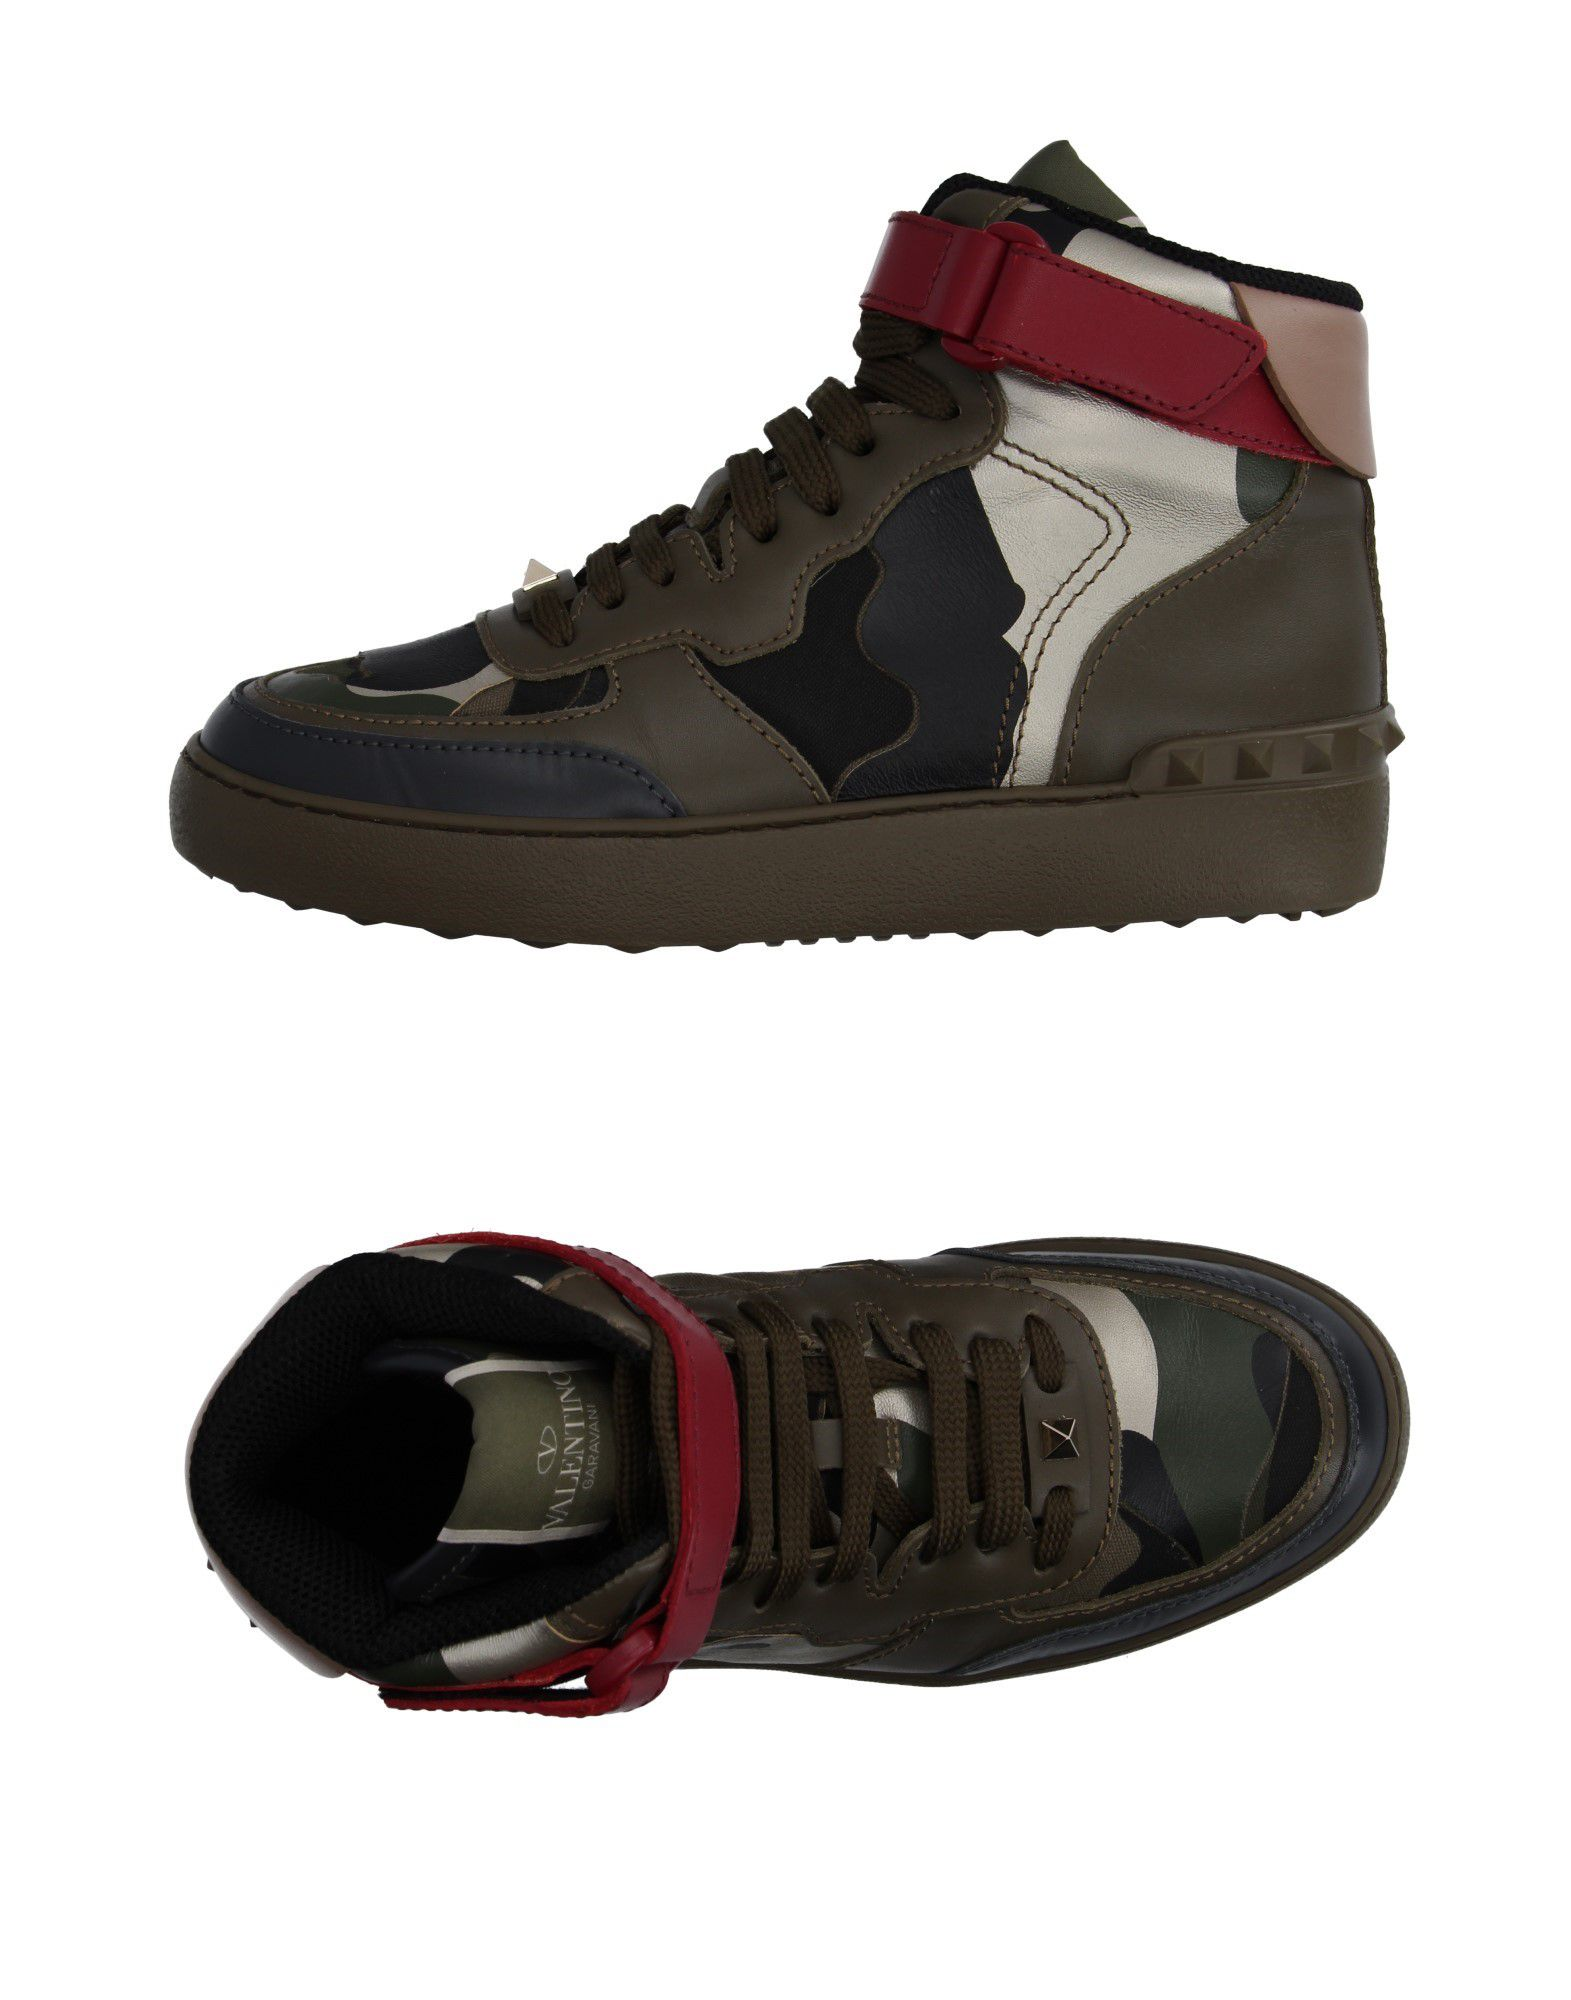 Valentino Garavani Sneakers - Women Valentino Garavani Sneakers - online on  Australia - Sneakers 11093914QF 70c4c3